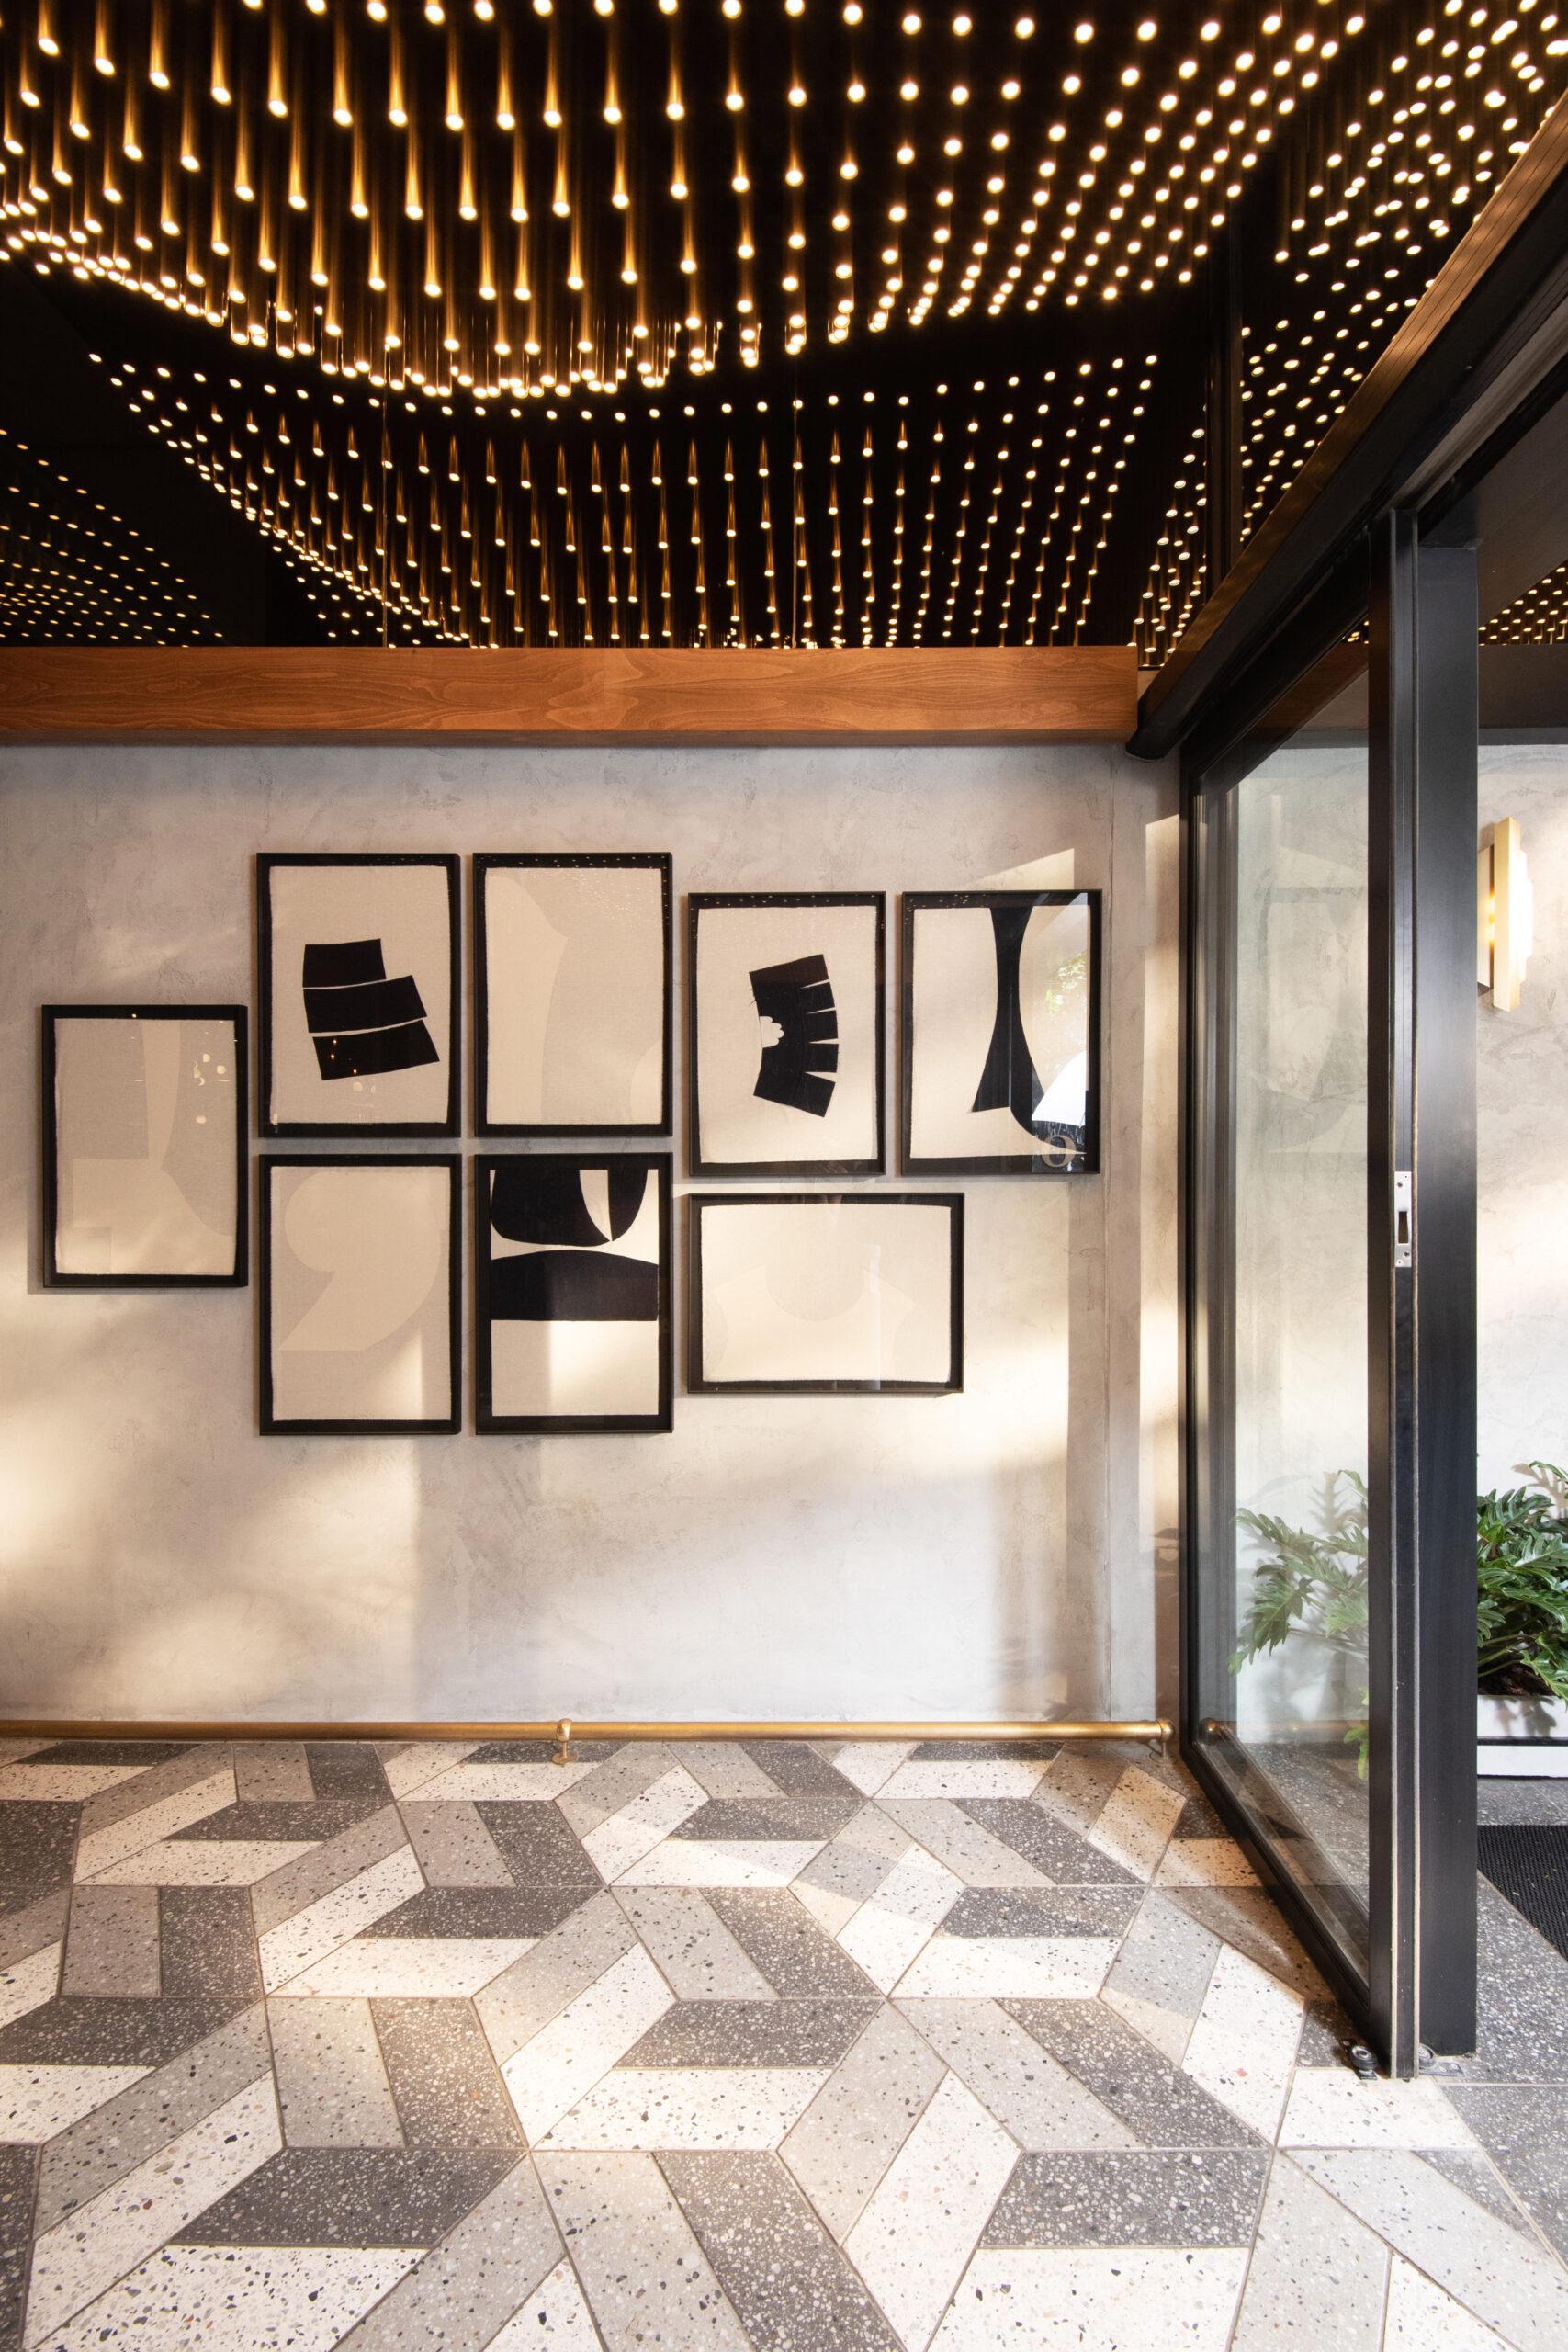 imbewu-design-the-bank-hotel-lobby-7